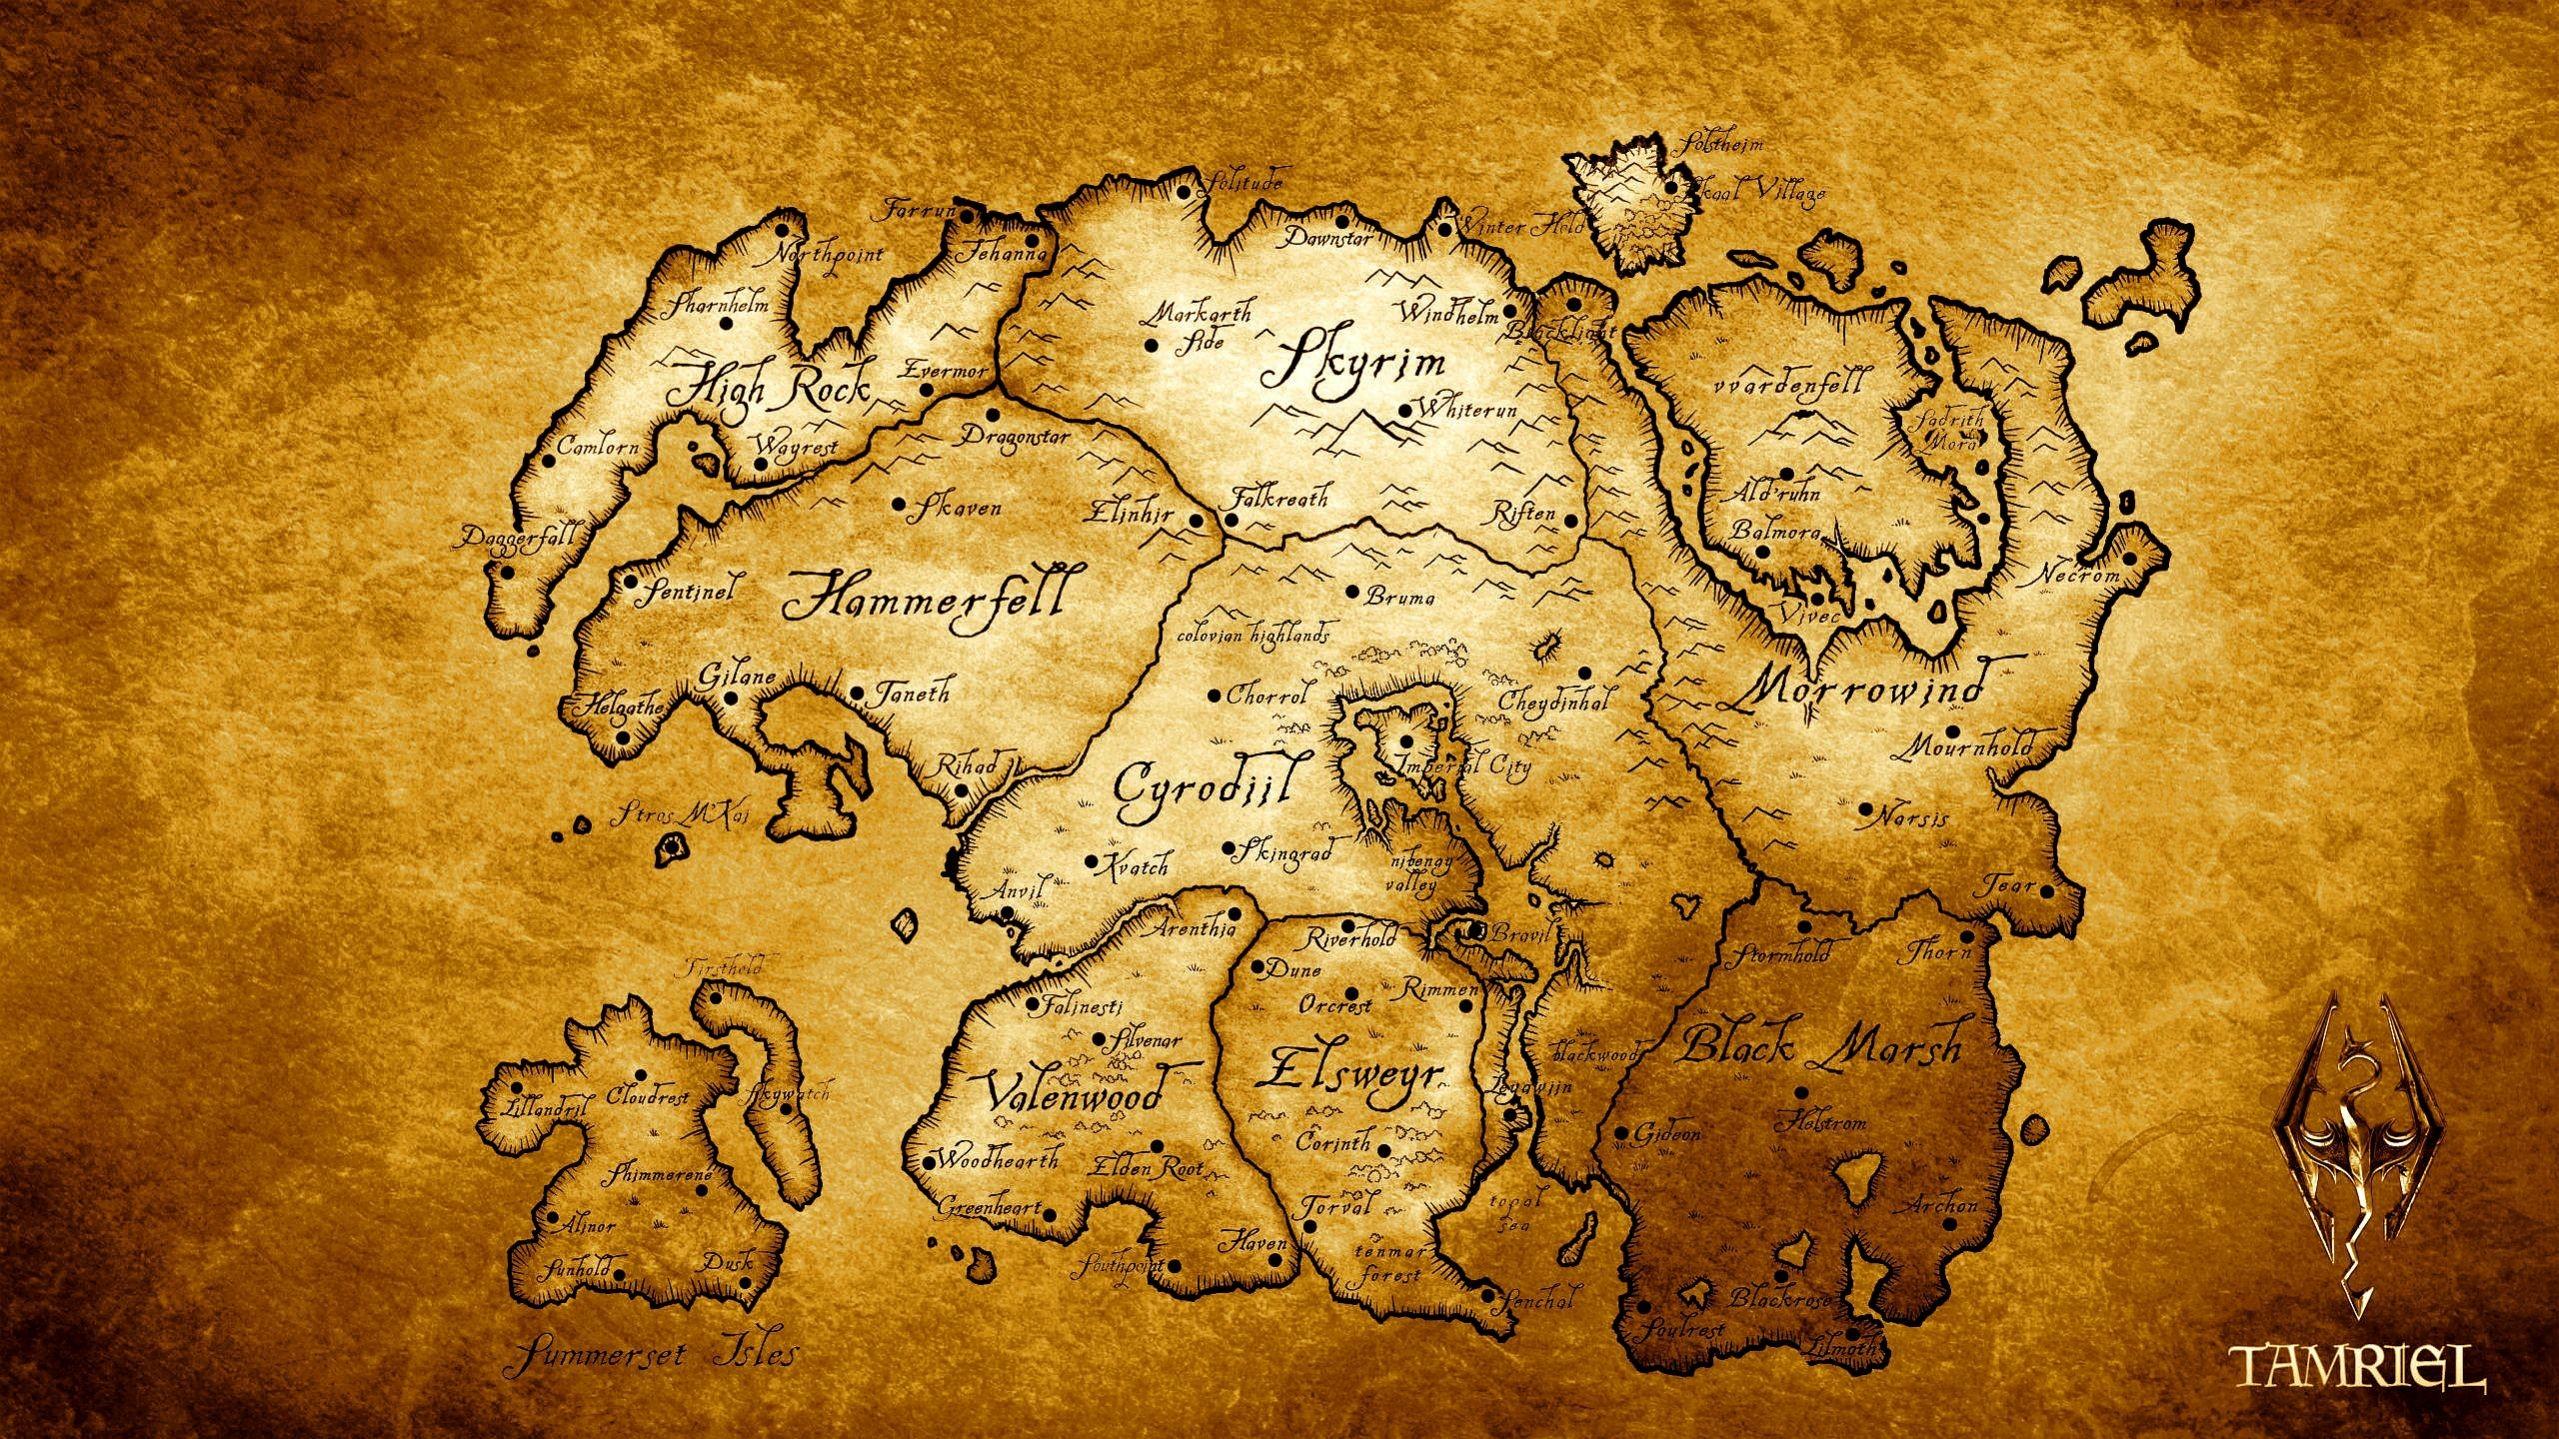 Tamriel Map Wallpaper 55 images 2559x1439